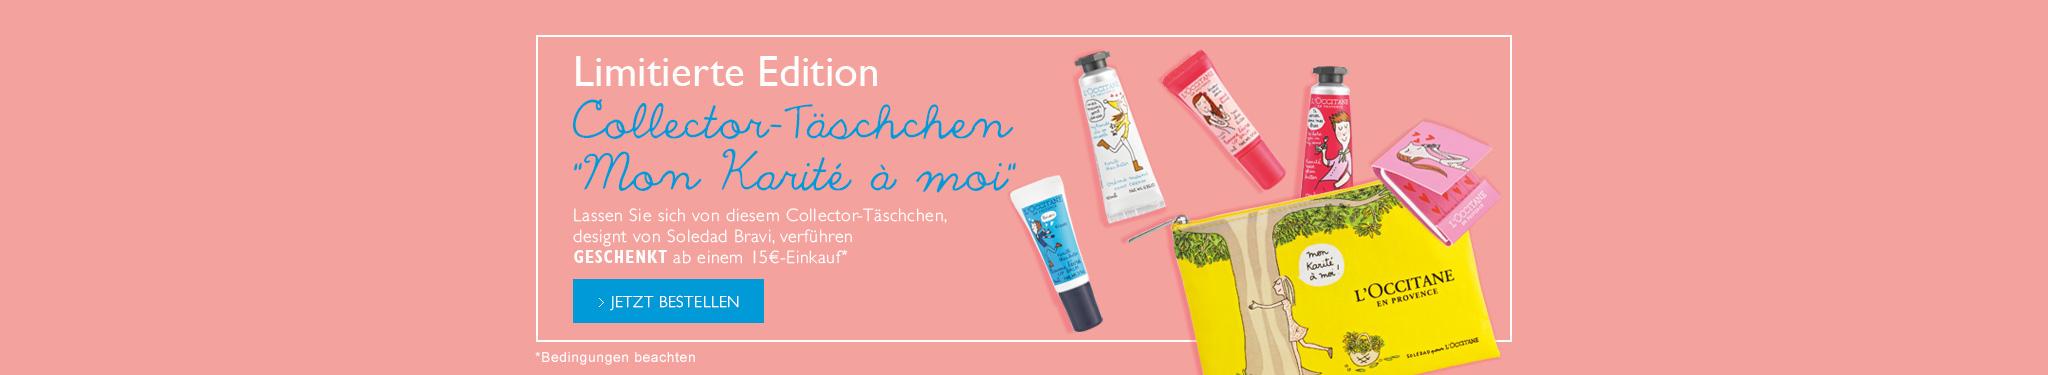 Collector-Täschchen